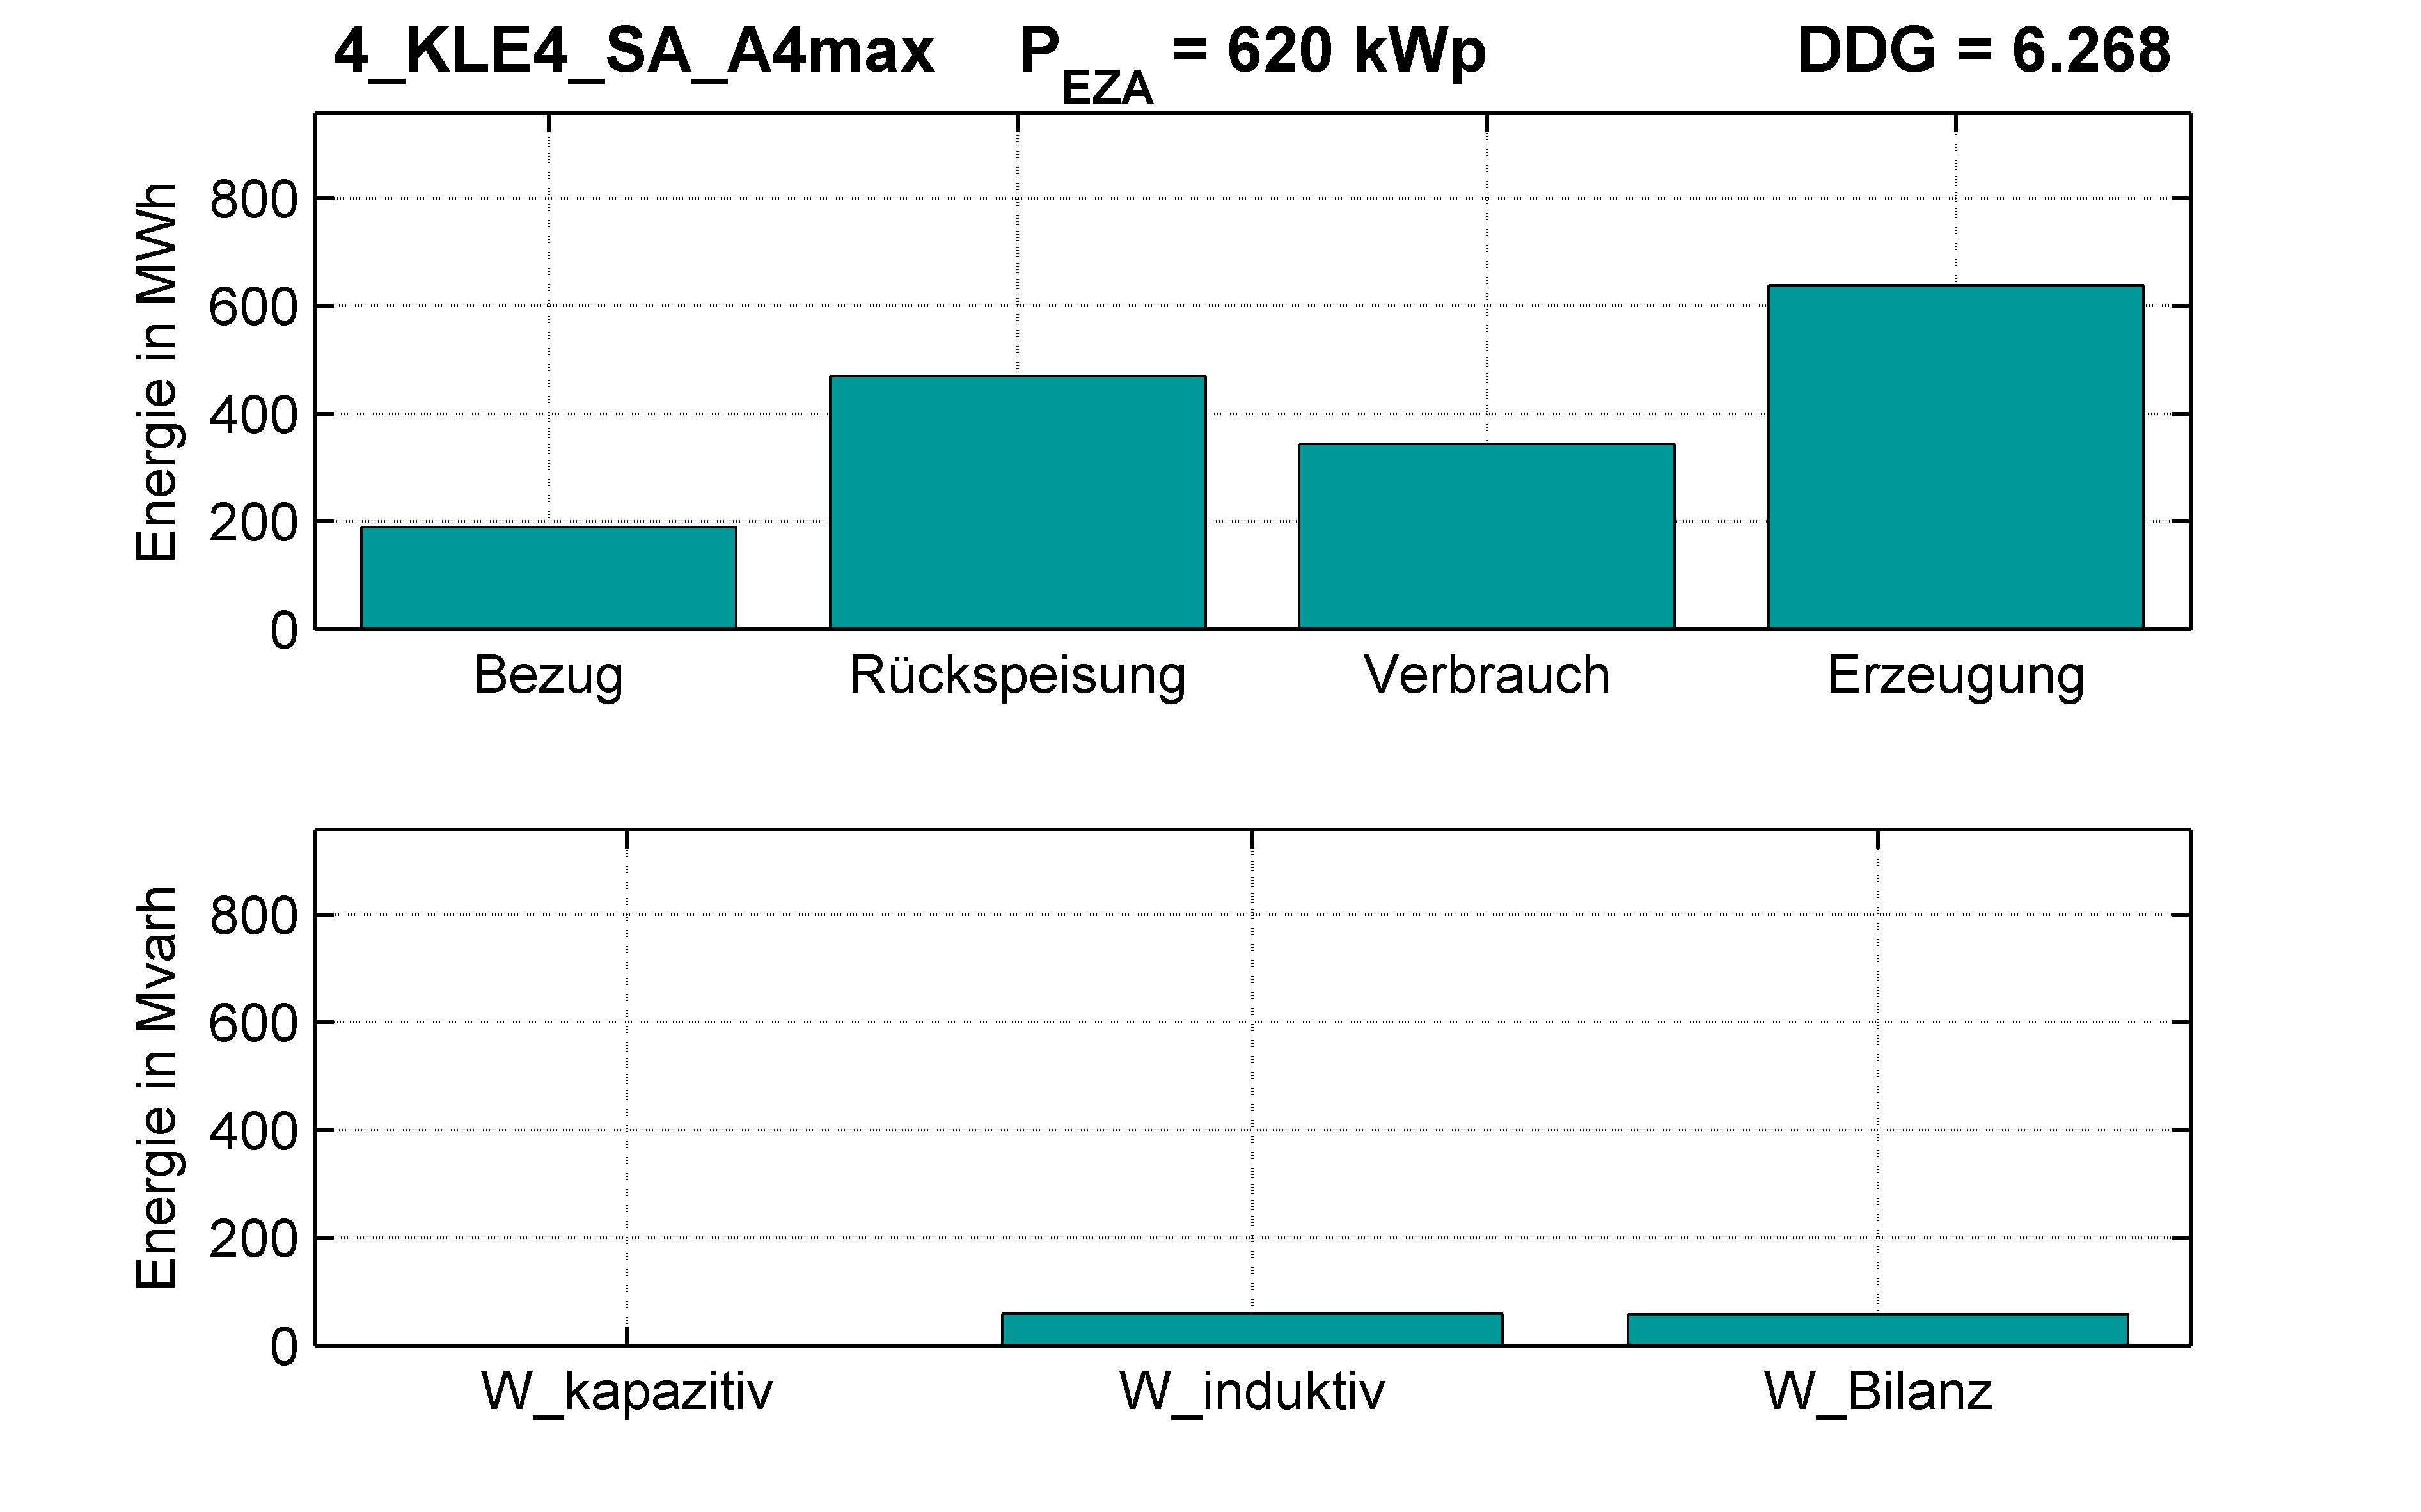 KLE4 | P-Kappung 55% (SA) A4max | PQ-Bilanz